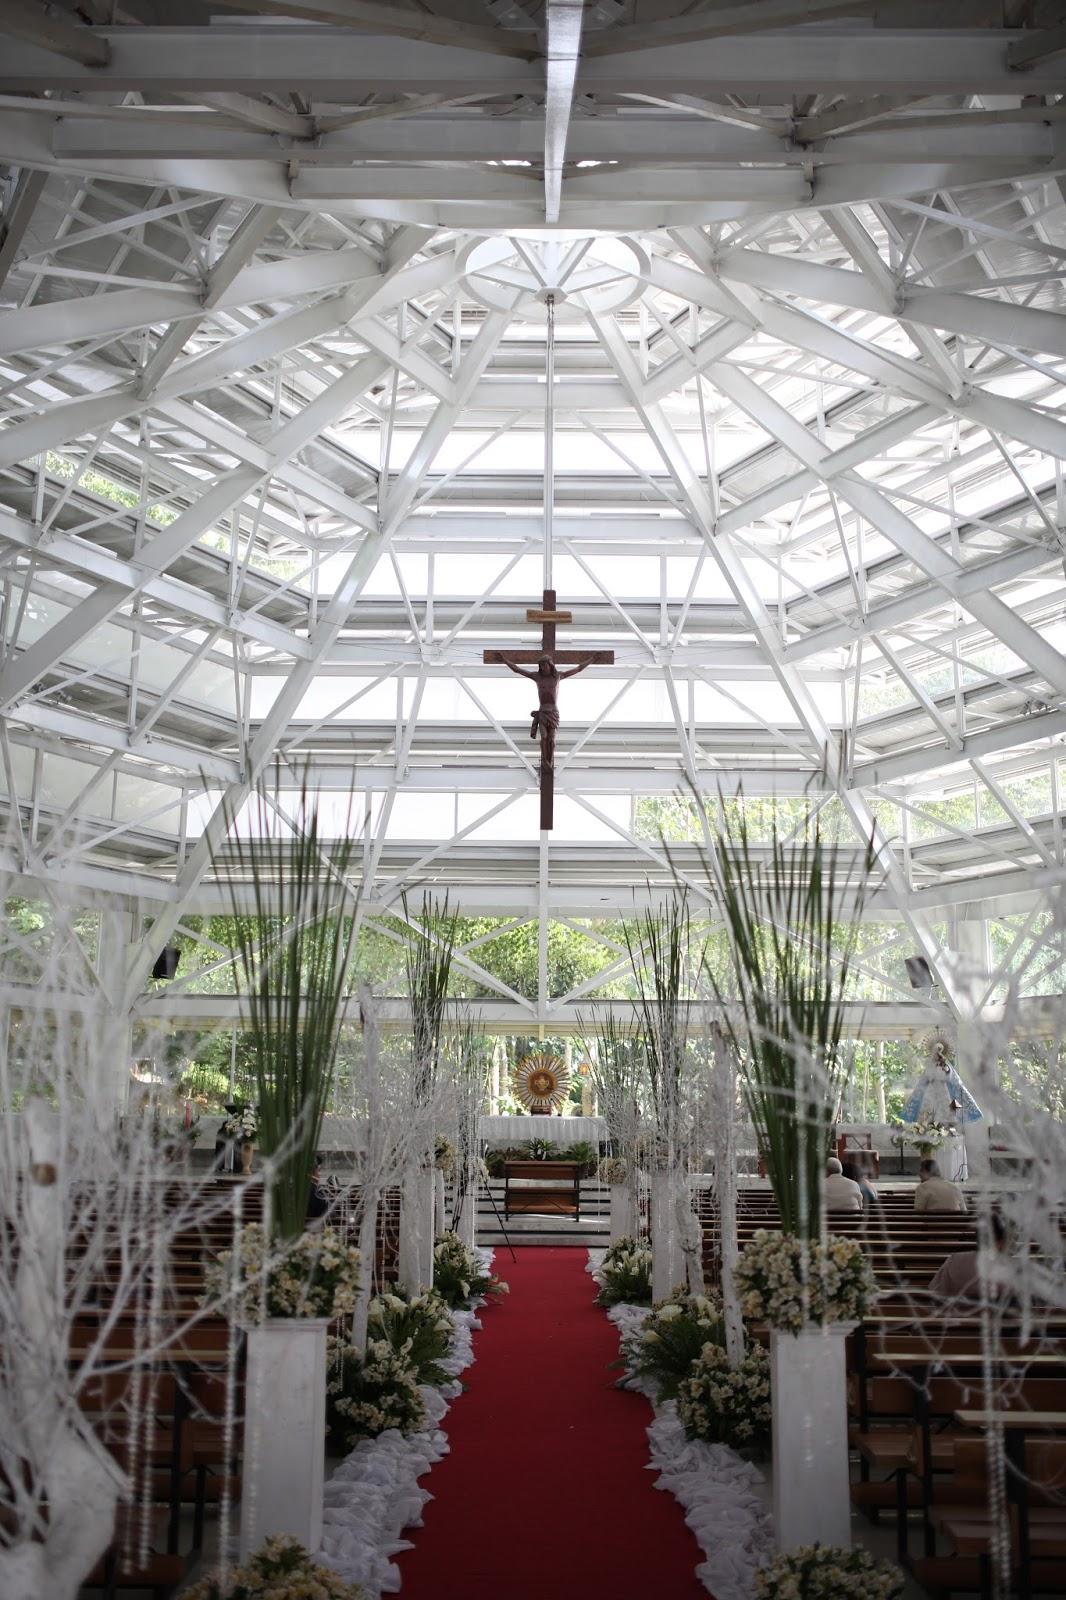 Myjoyful Day: Few Ways To Decorate Wedding Ceremony Aisles